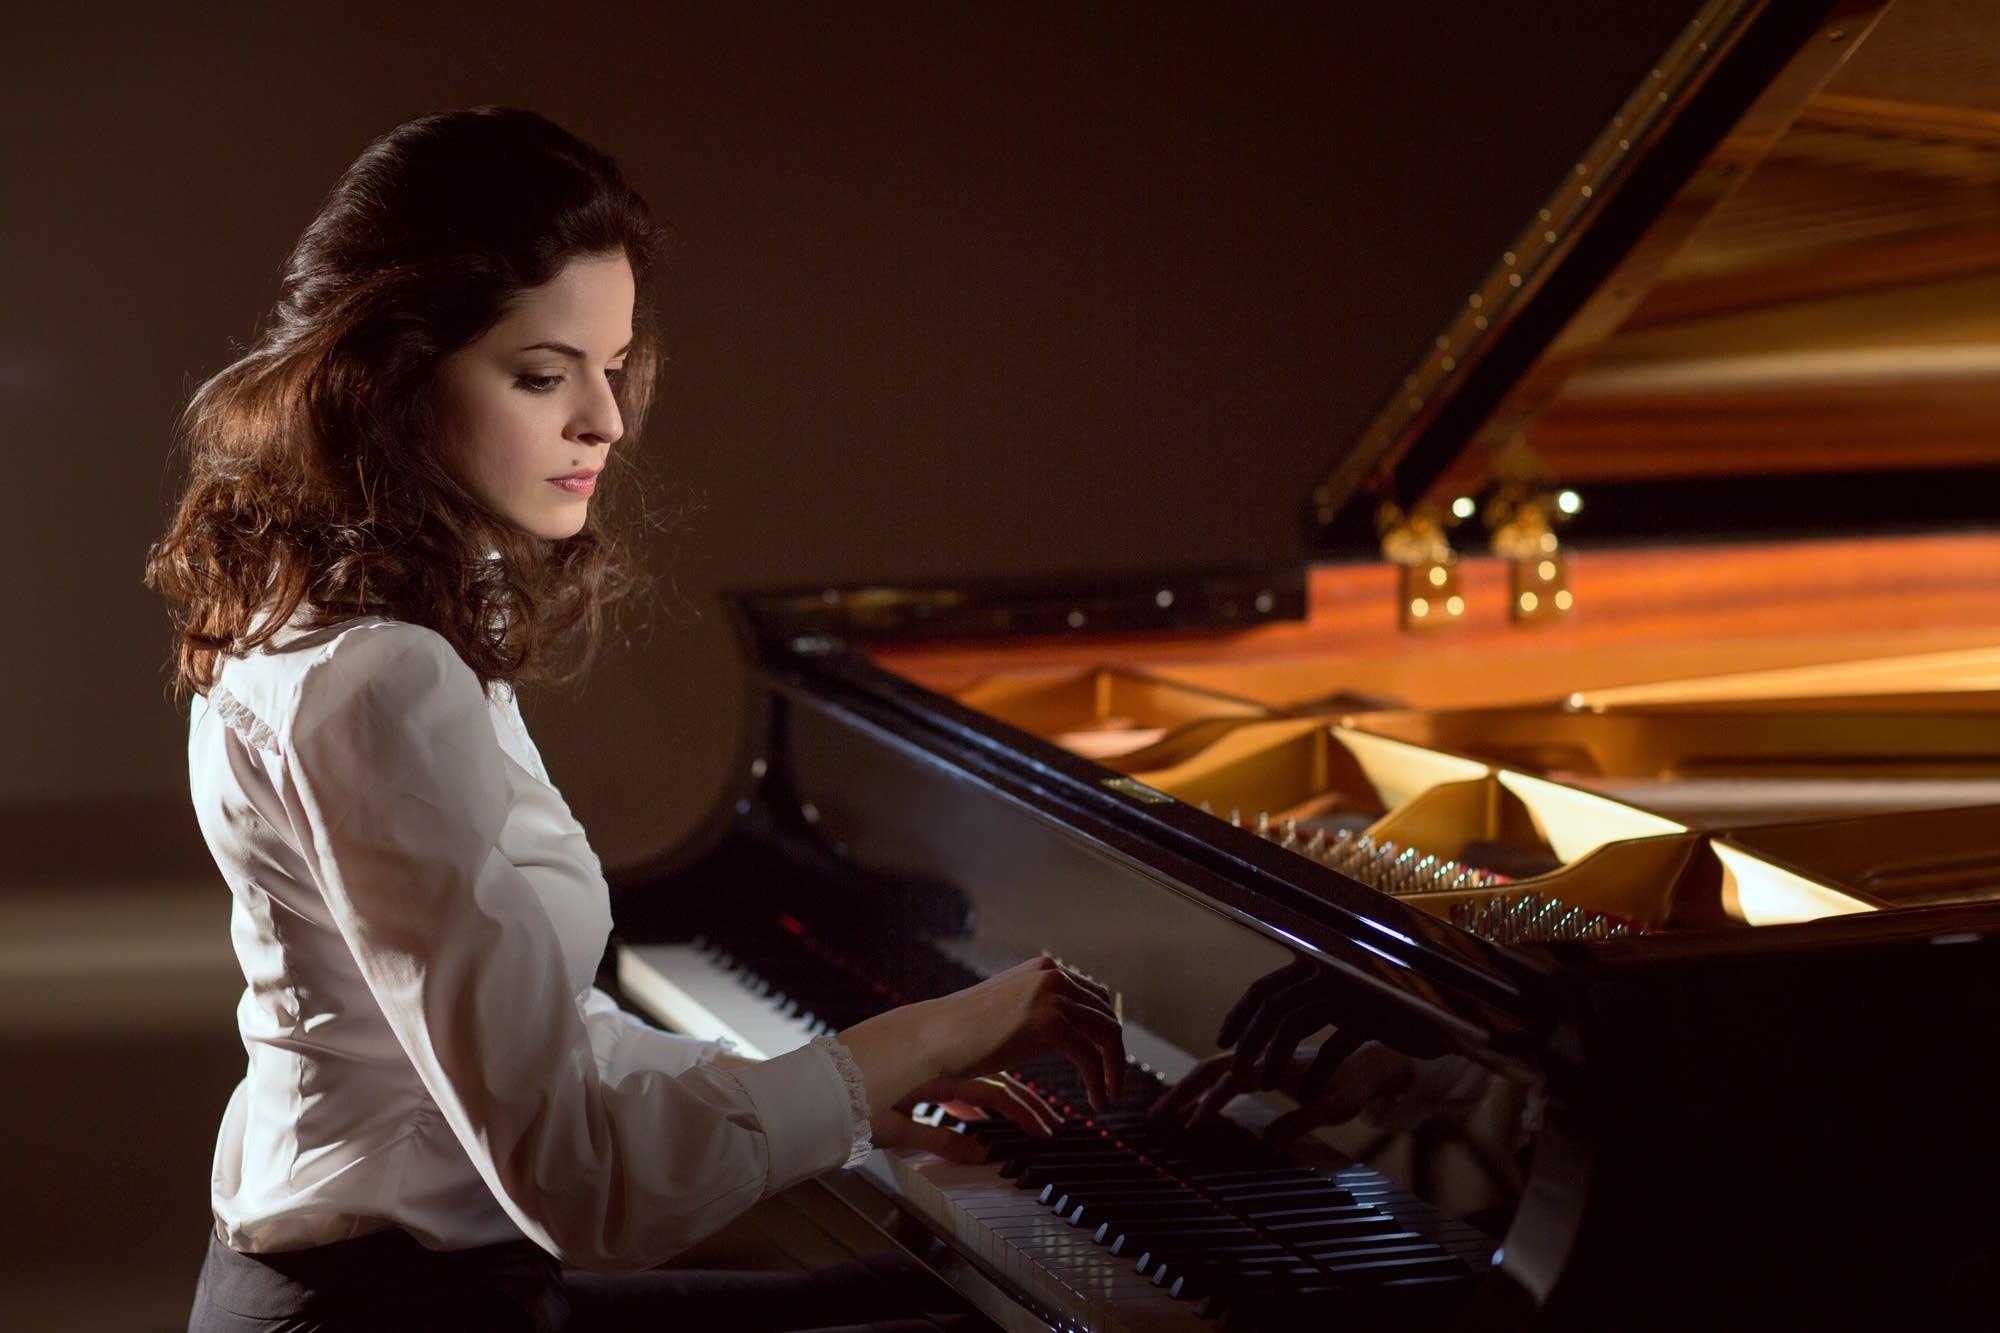 Pianist Zlata Chochieva